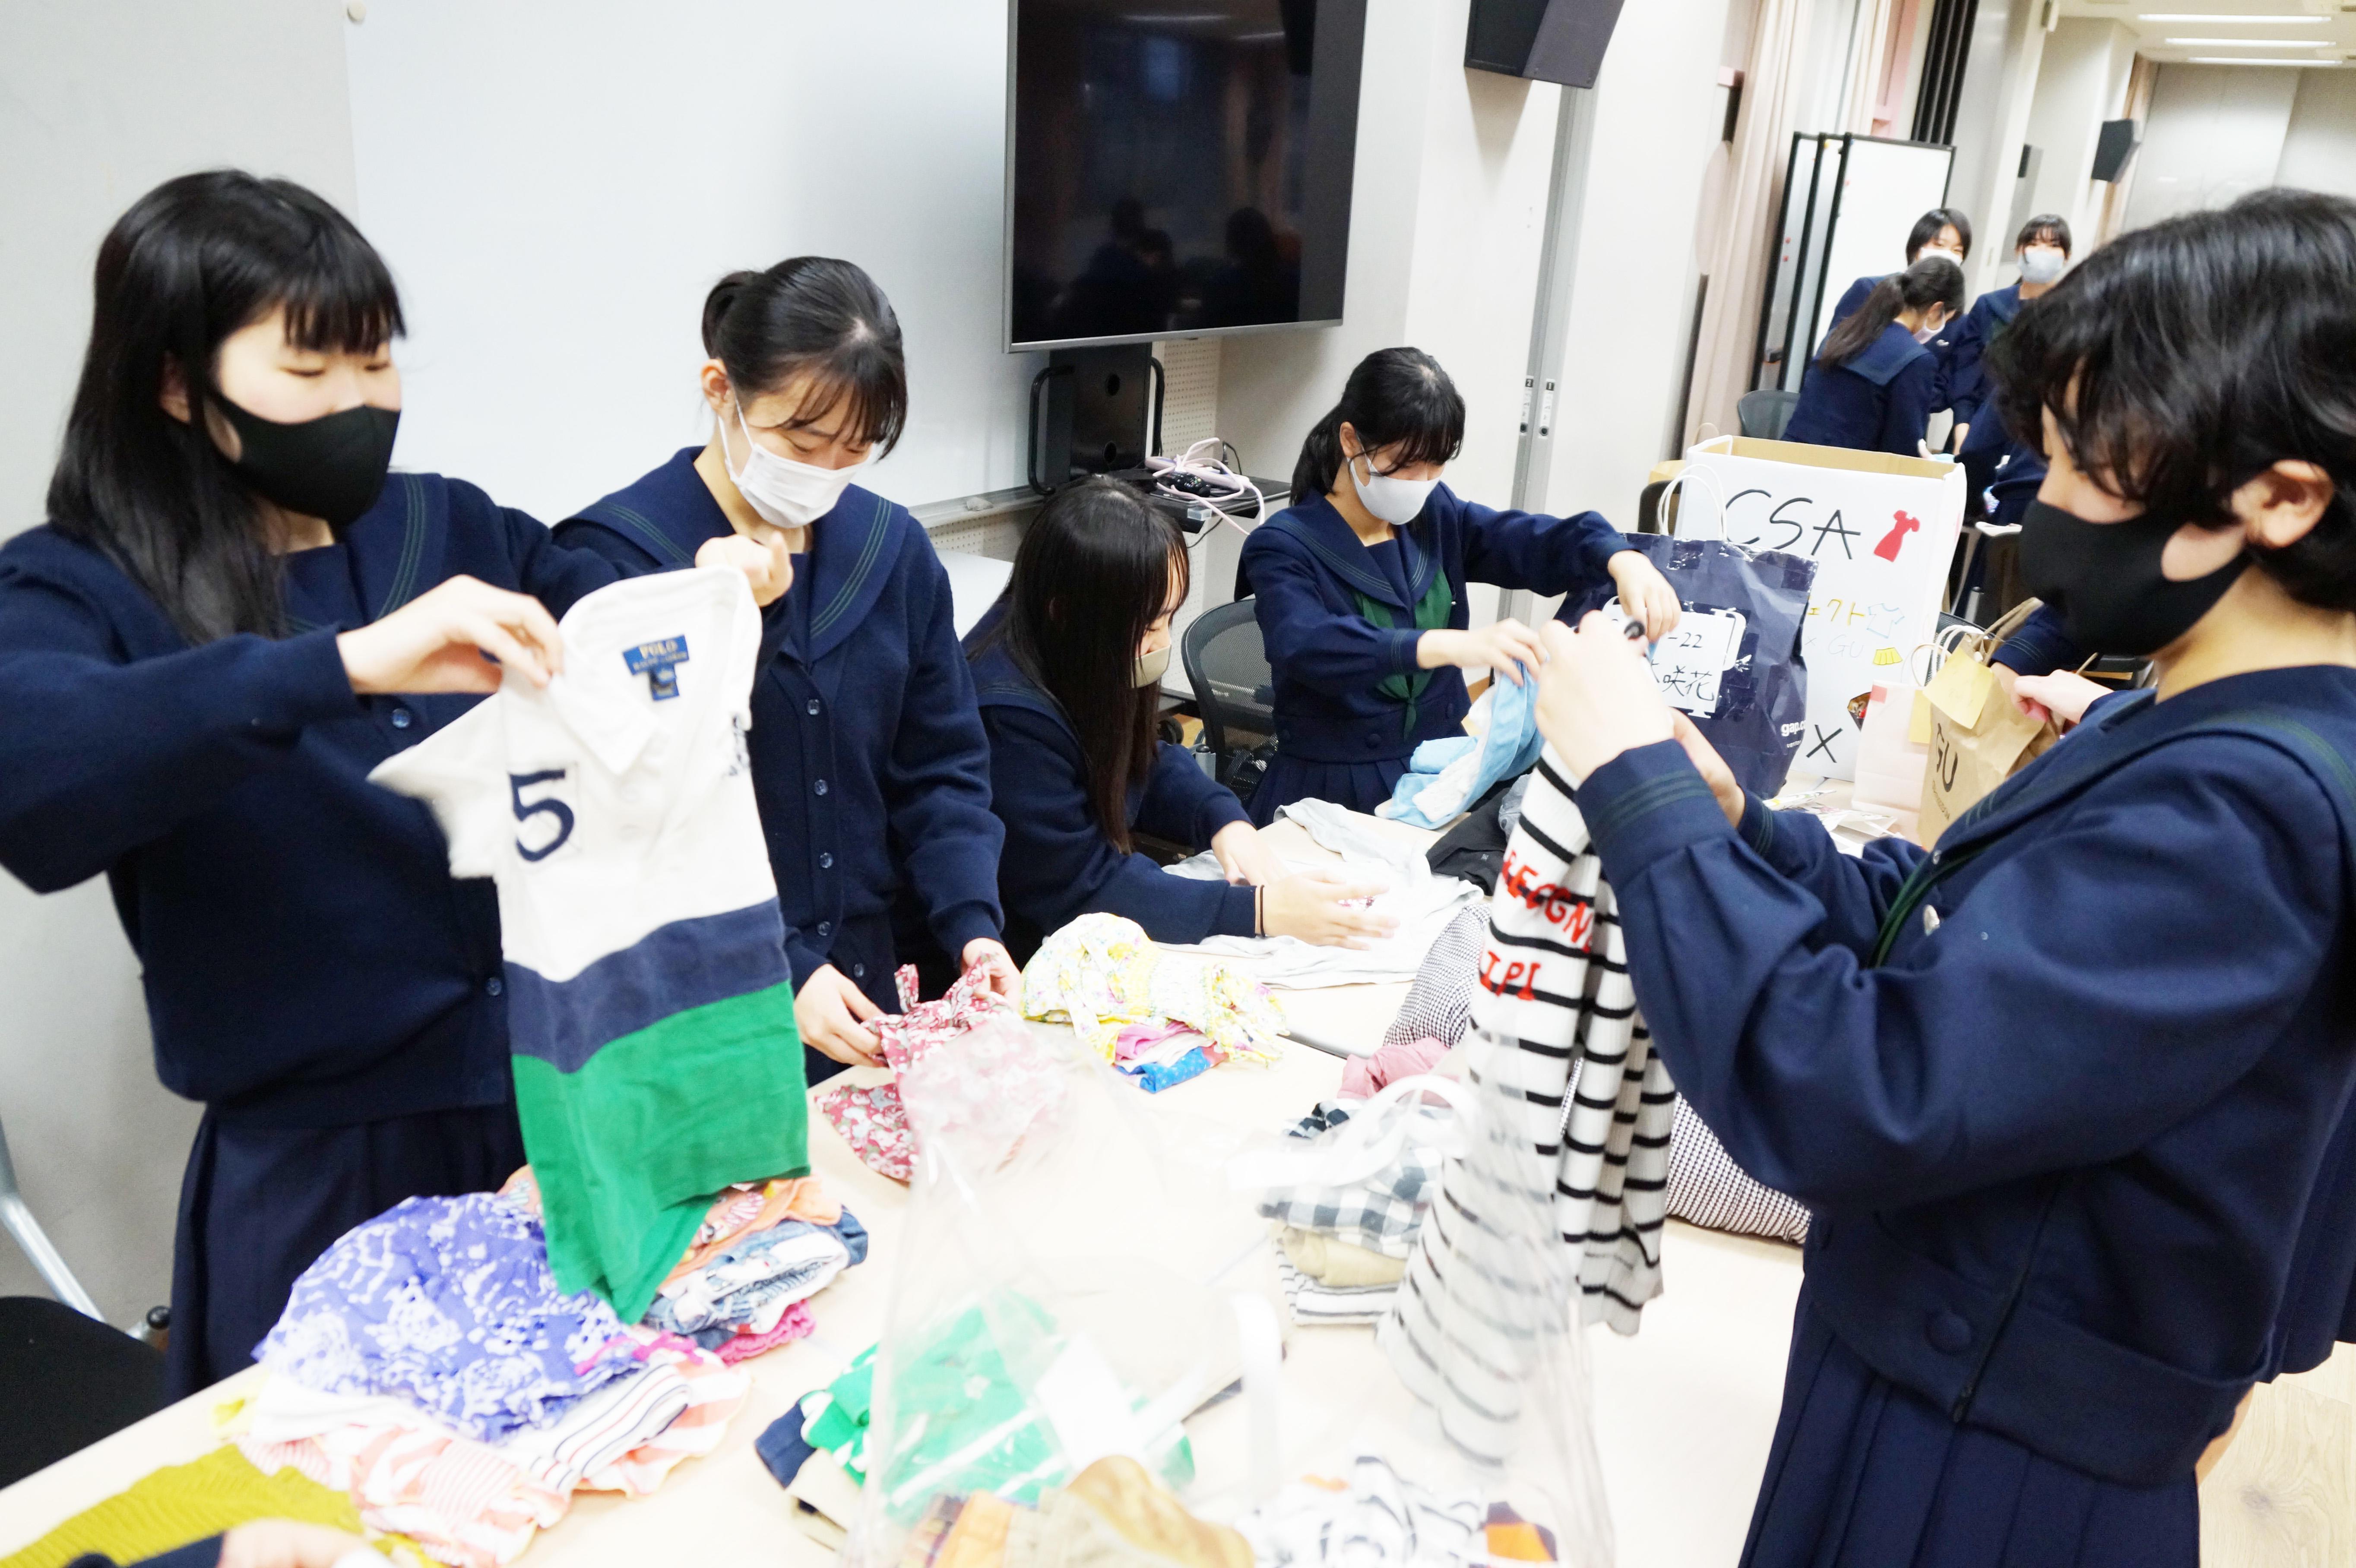 ■着なくなった子供服の回収プロジェクトに参画!SDGs活動で国際問題、環境問題を考える■樟蔭中学校・高等学校の生徒が、難民の子ども達を支援